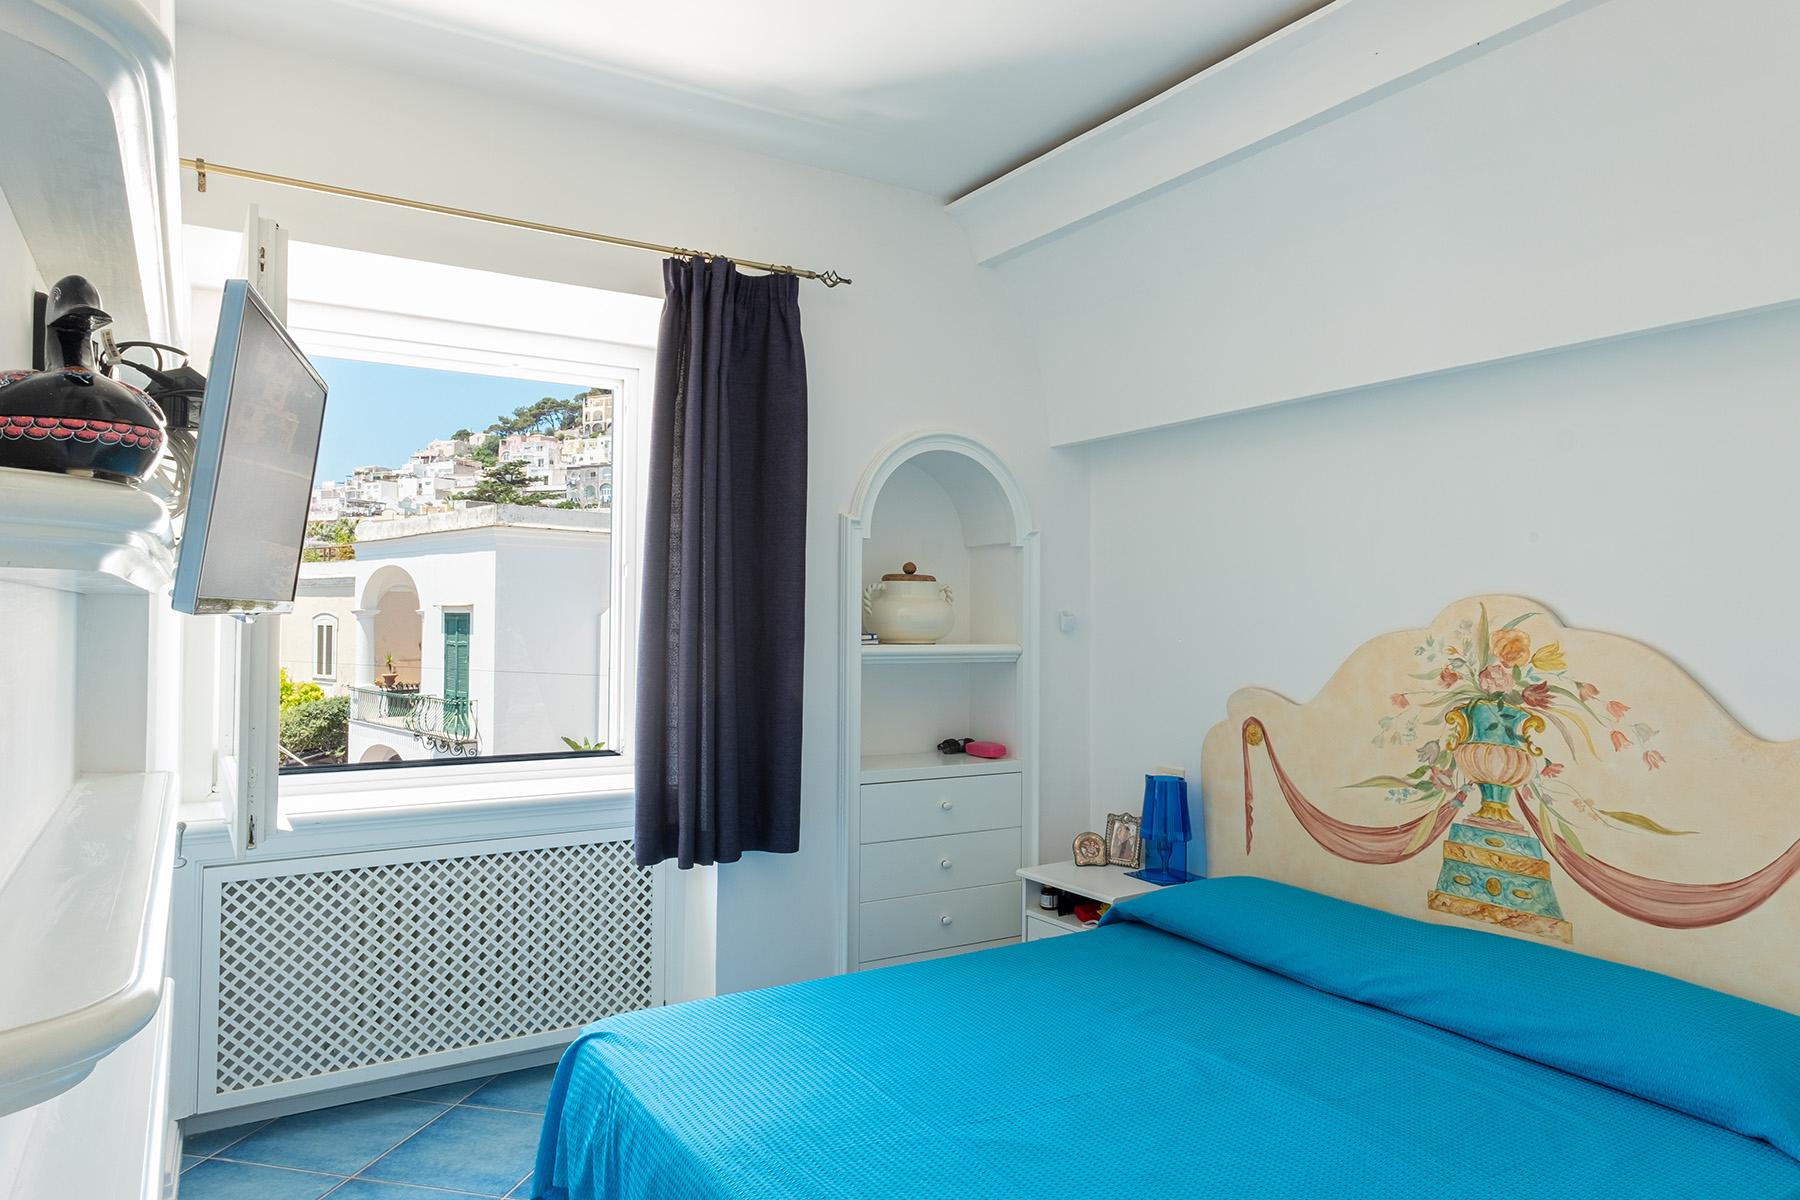 Attico in Vendita a Capri: 5 locali, 160 mq - Foto 22